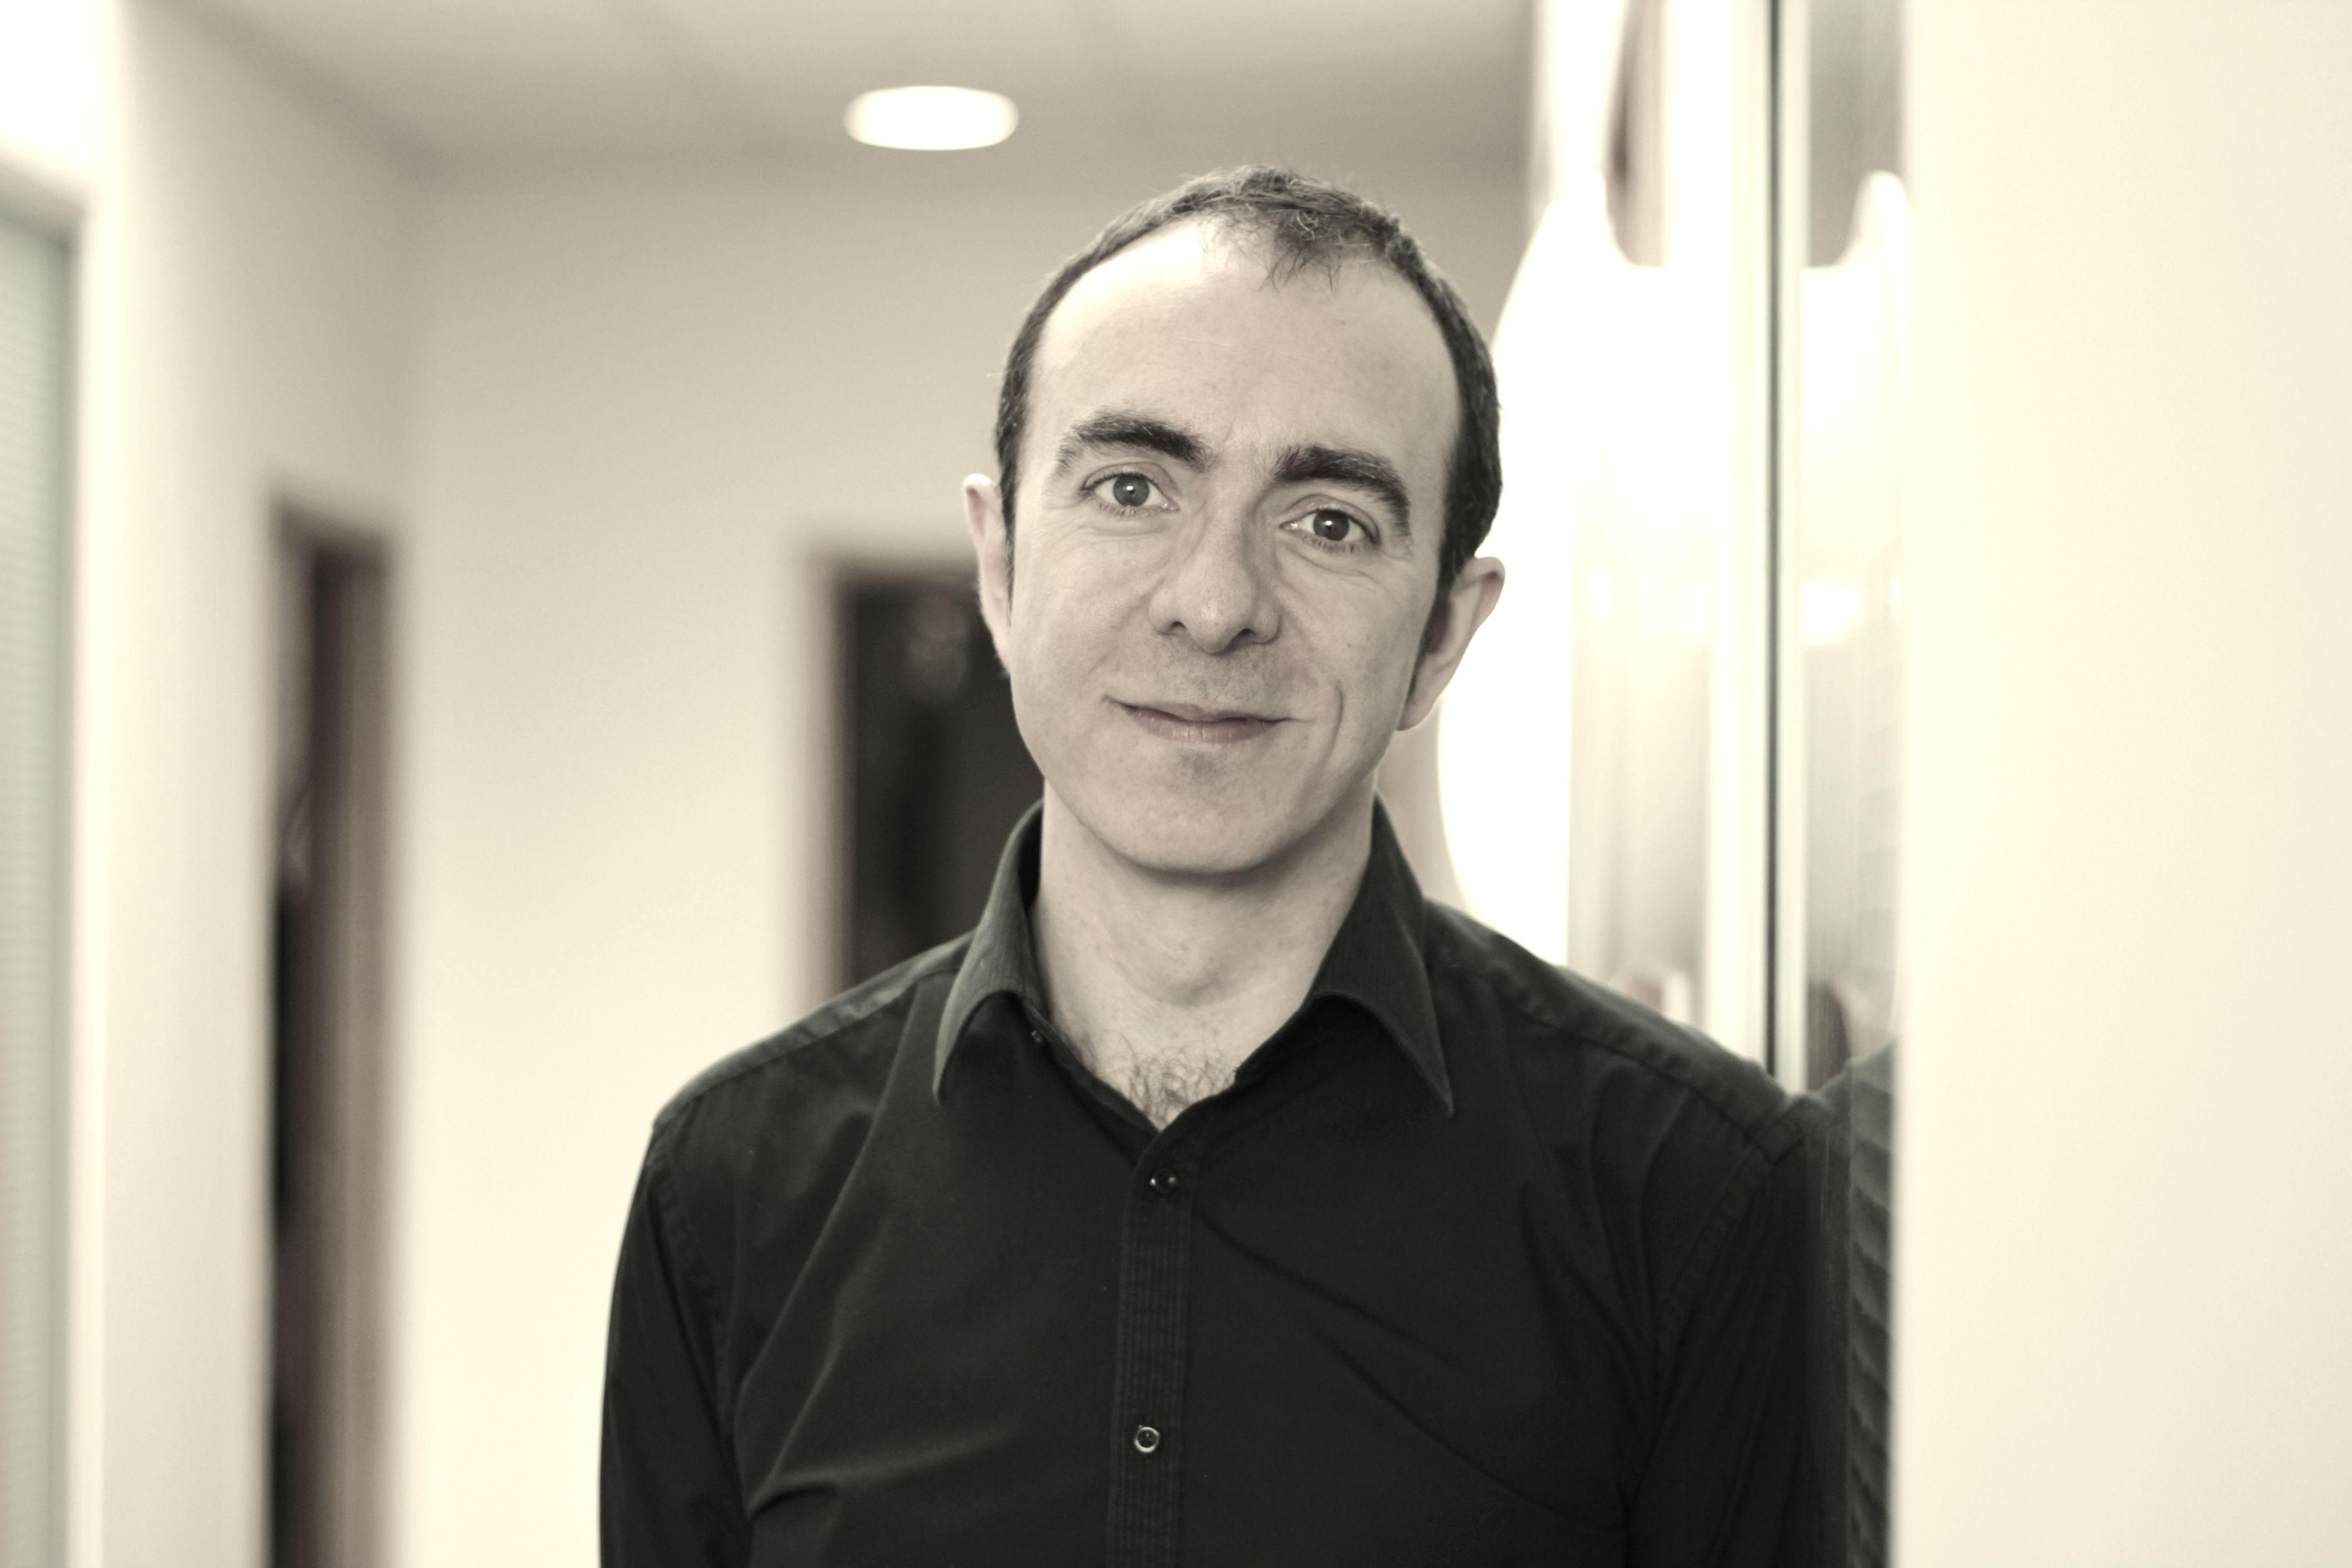 Dr Paul McKenna